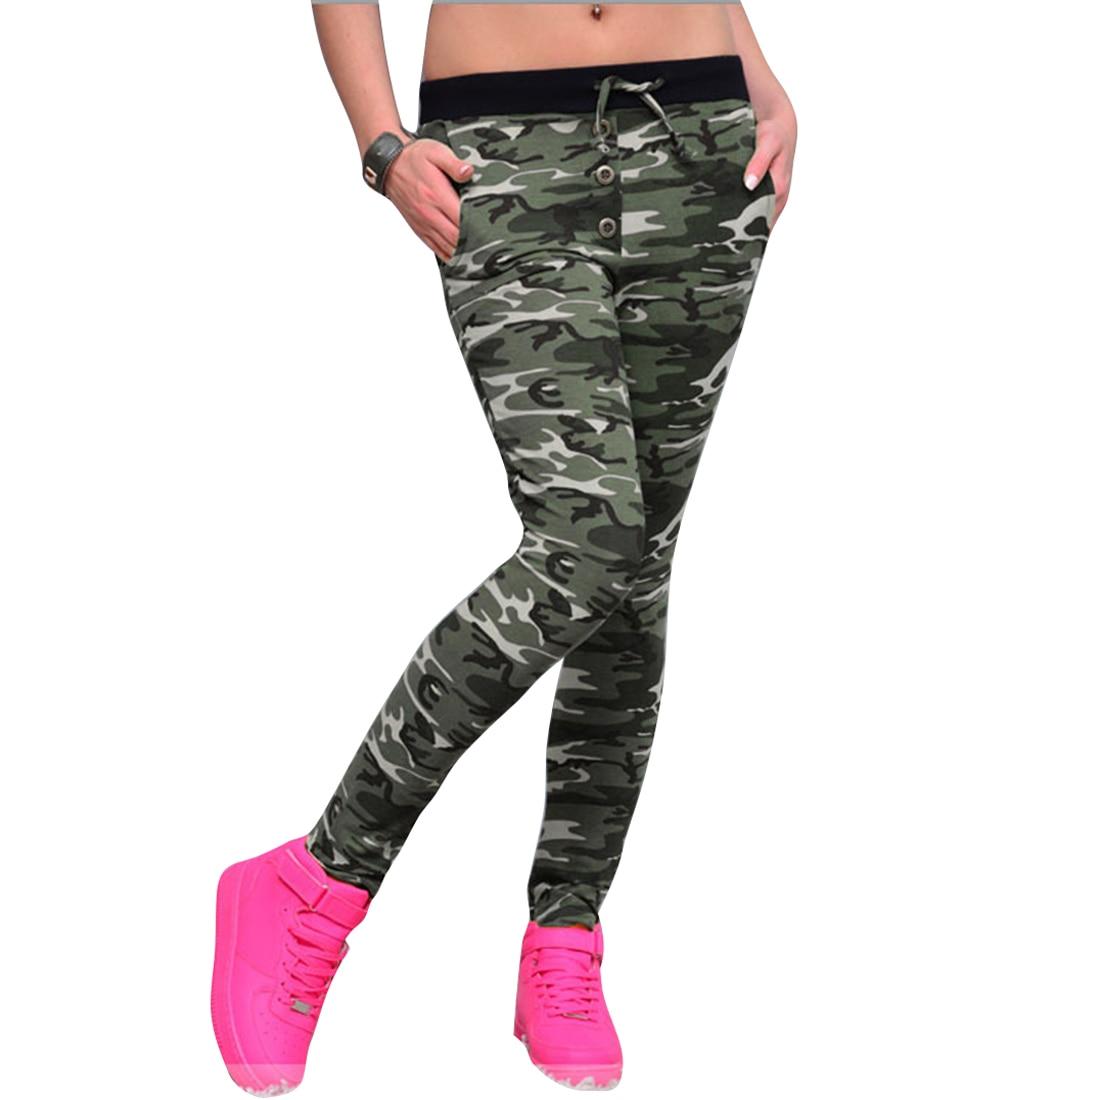 2017 Chaude Camouflage Pantalon Femmes Attaché Taille Extensible Pantalon  Mince Automne Hiver Lulu Leggings Pantalon Femme